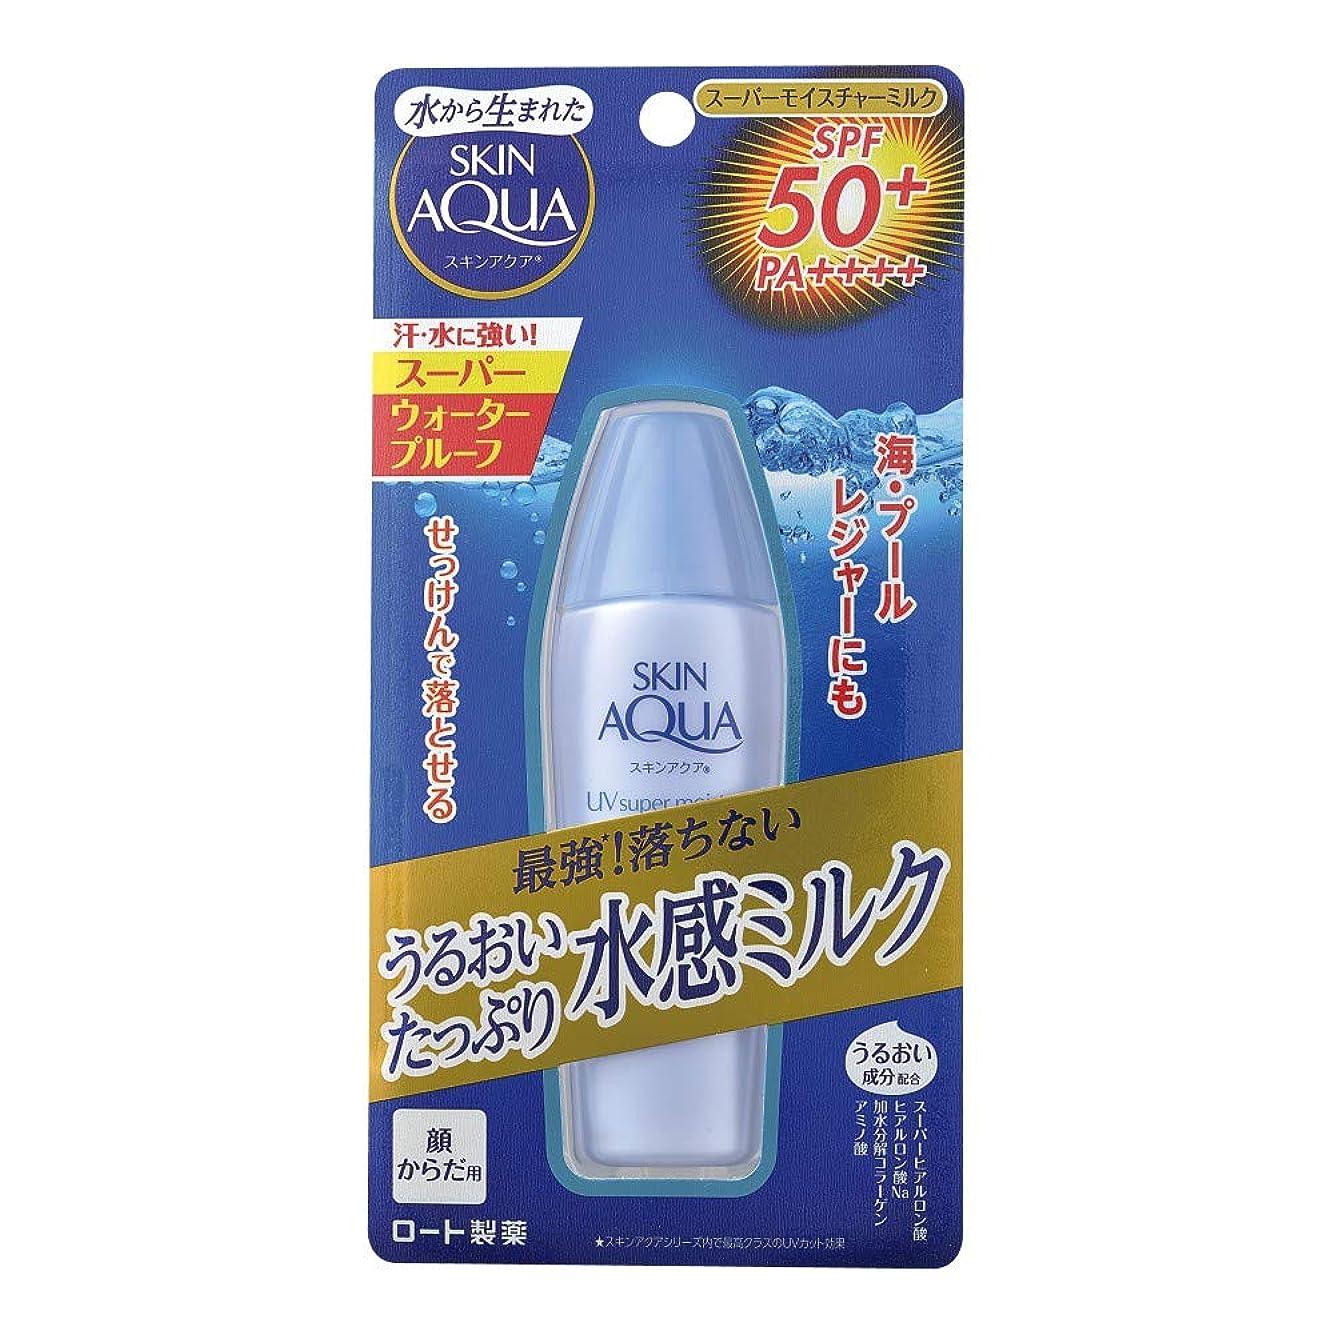 ビジュアル再びクルースキンアクア (SKIN AQUA) 日焼け止め スーパーモイスチャーミルク 潤い成分4種配合 水感ミルク (SPF50 PA++++) 40mL ※スーパーウォータープルーフ